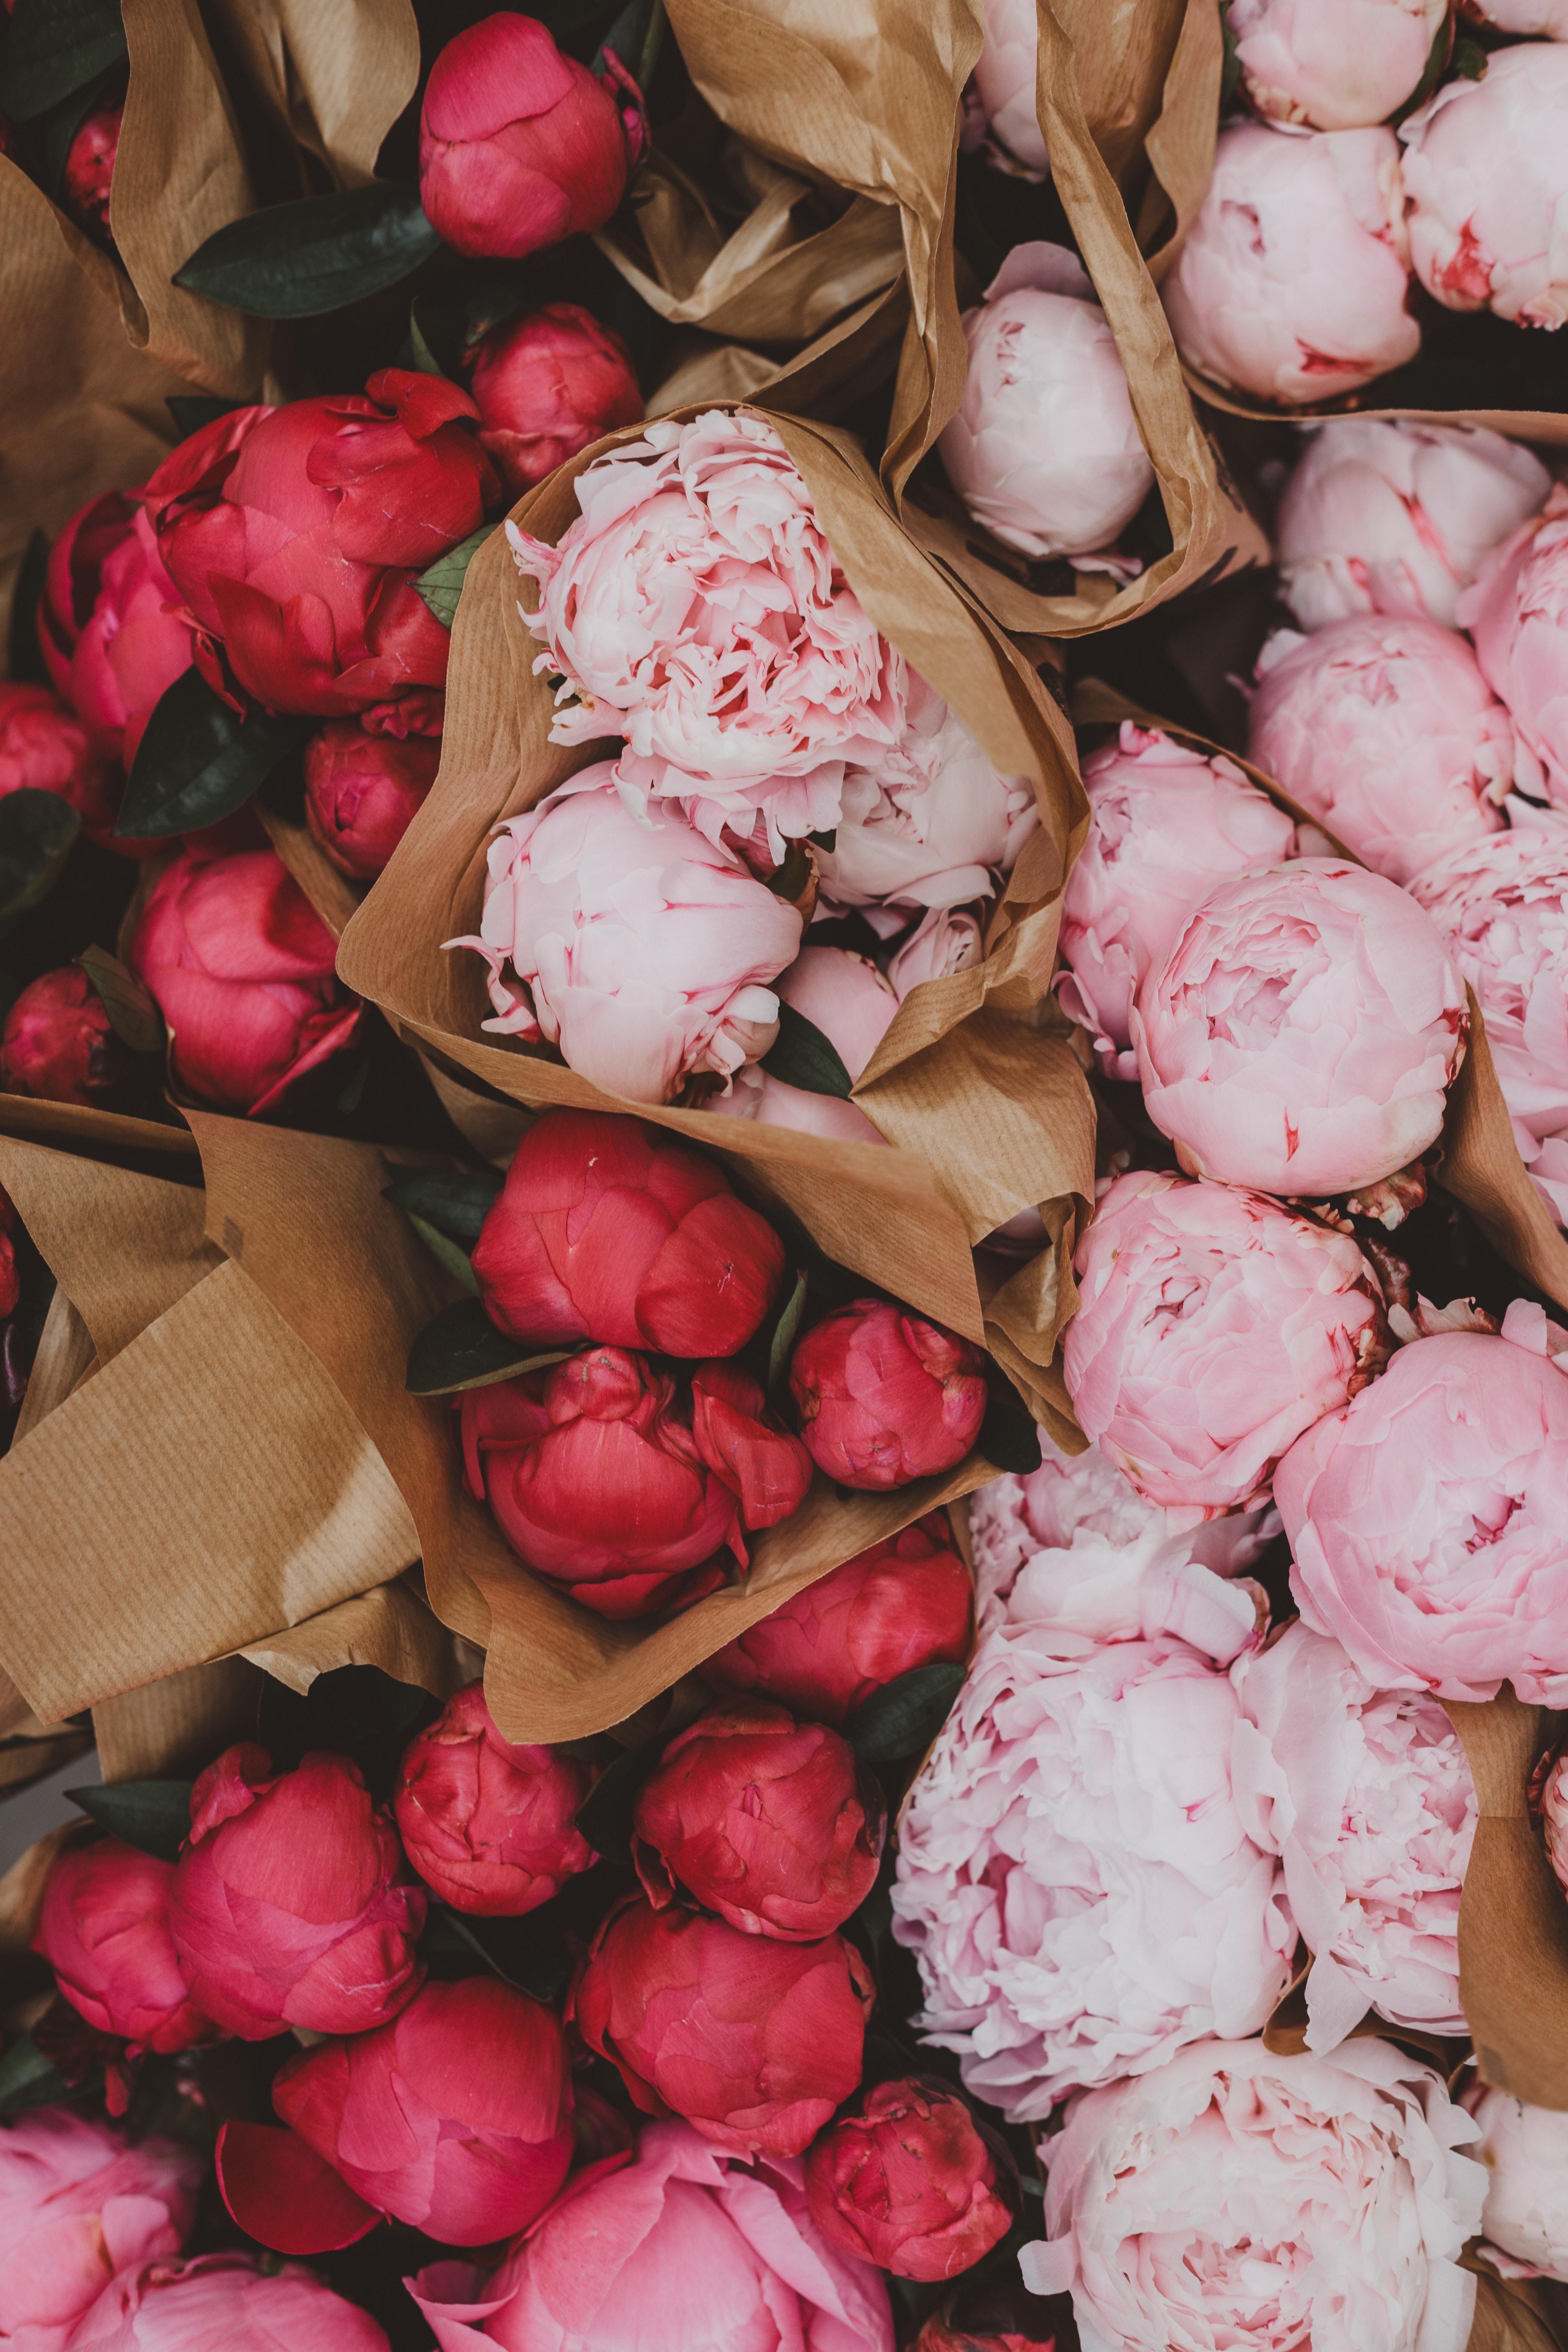 68840 télécharger le fond d'écran Fleurs, Rose, Pivoines, Bouquets - économiseurs d'écran et images gratuitement